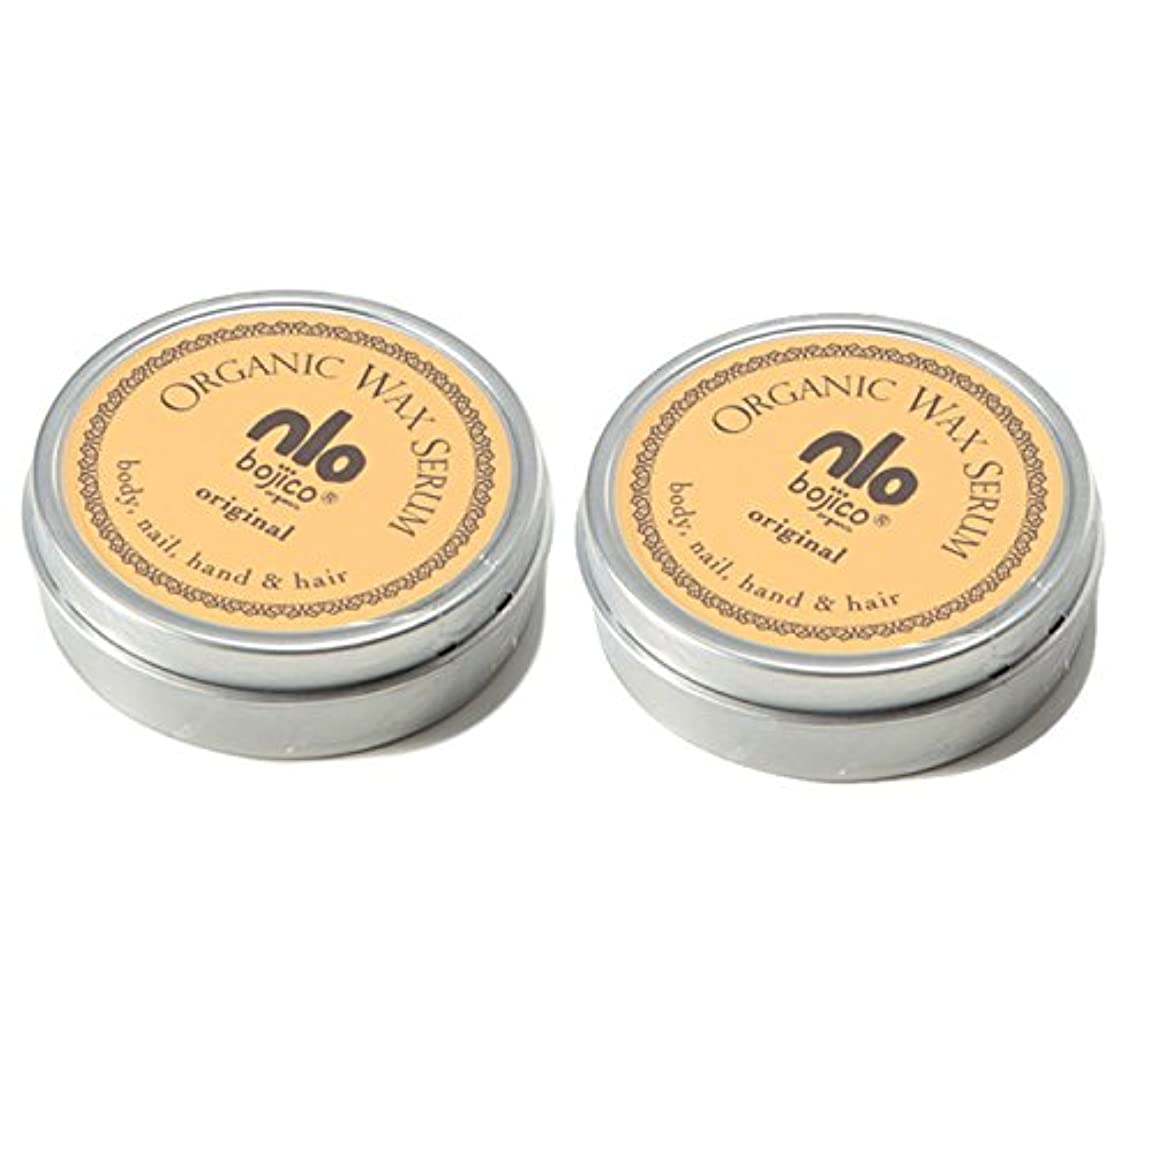 【40g×2個セット】 ボジコ オーガニック ワックス セラム<オリジナル> bojico Organic Wax Serum 40g×2